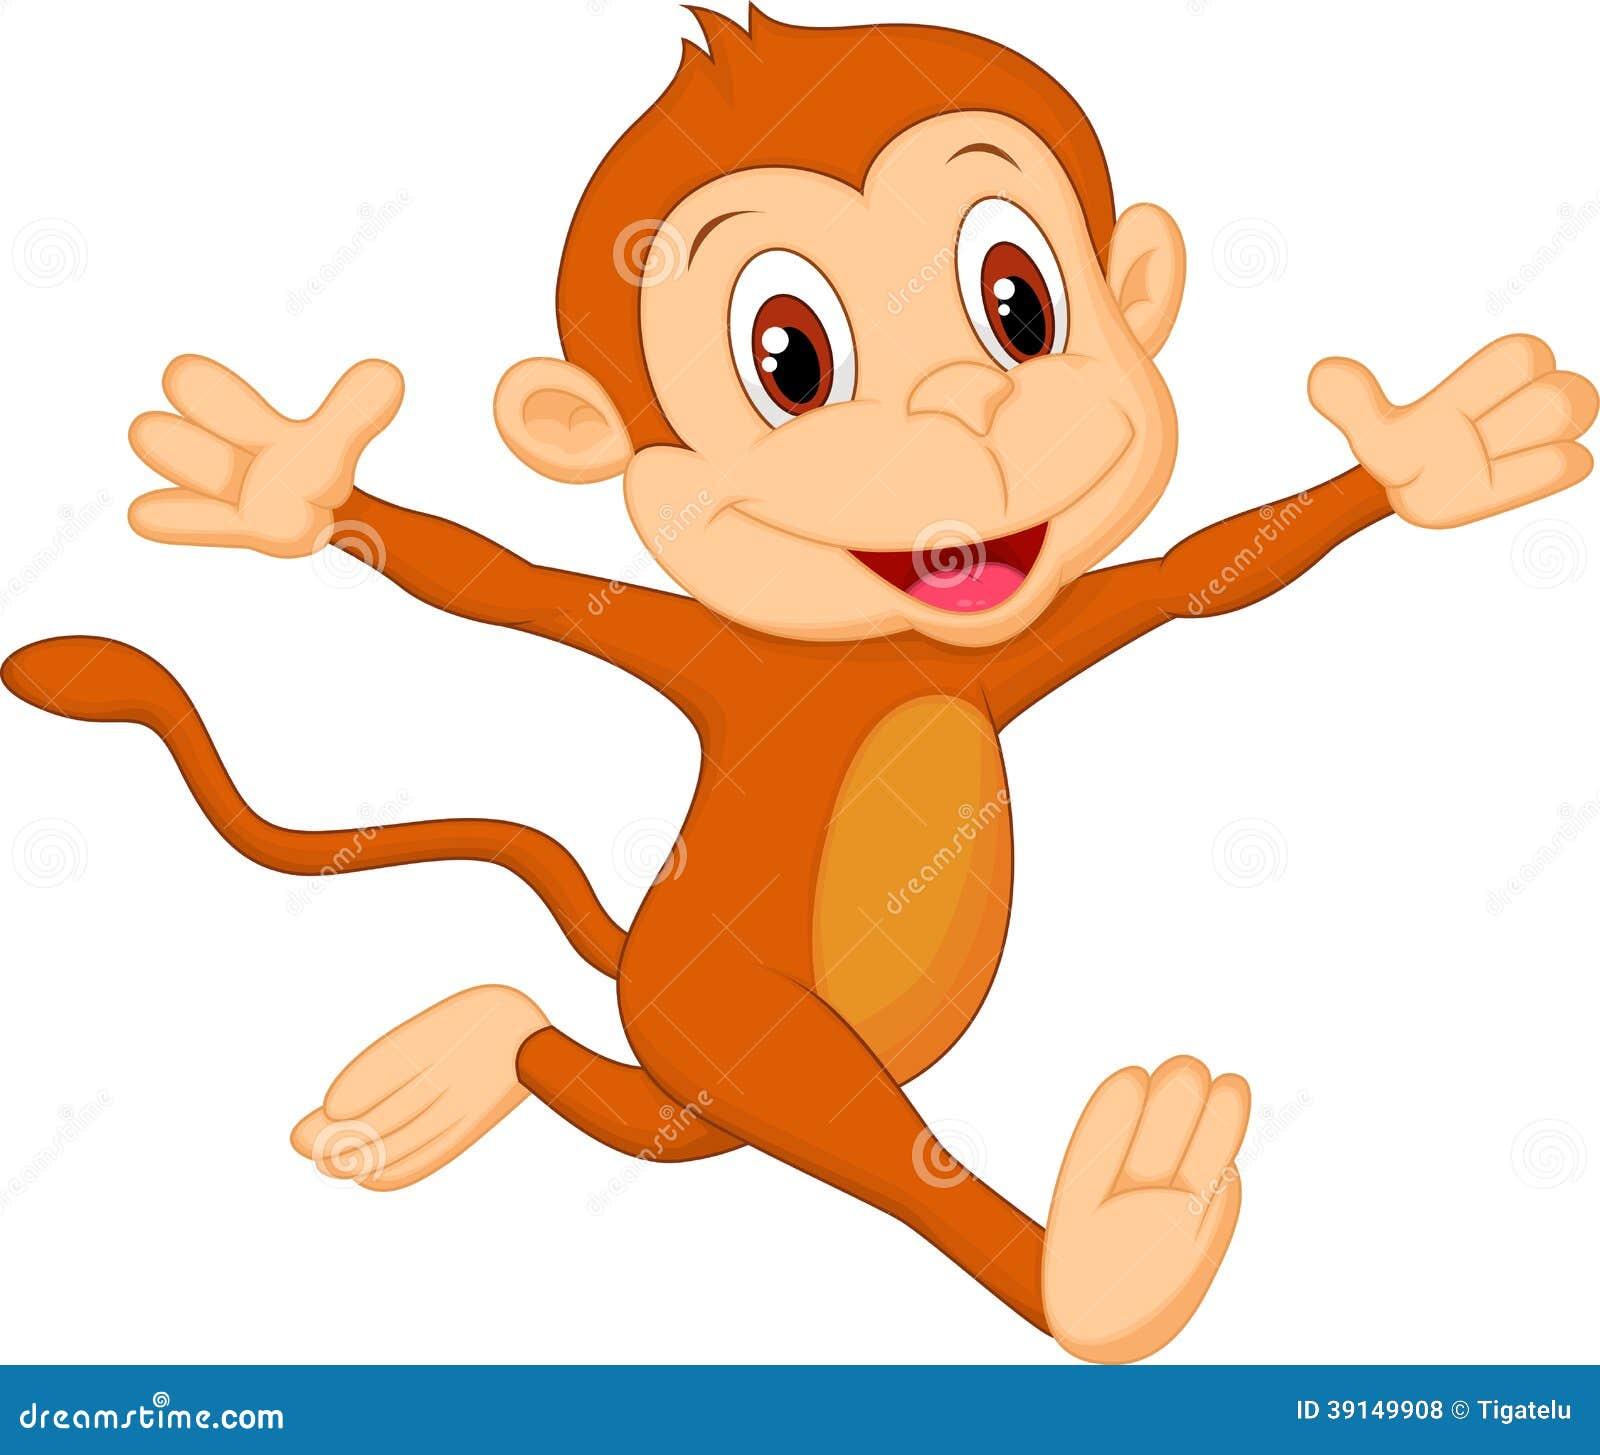 愉快的猴子动画片的例证.图片